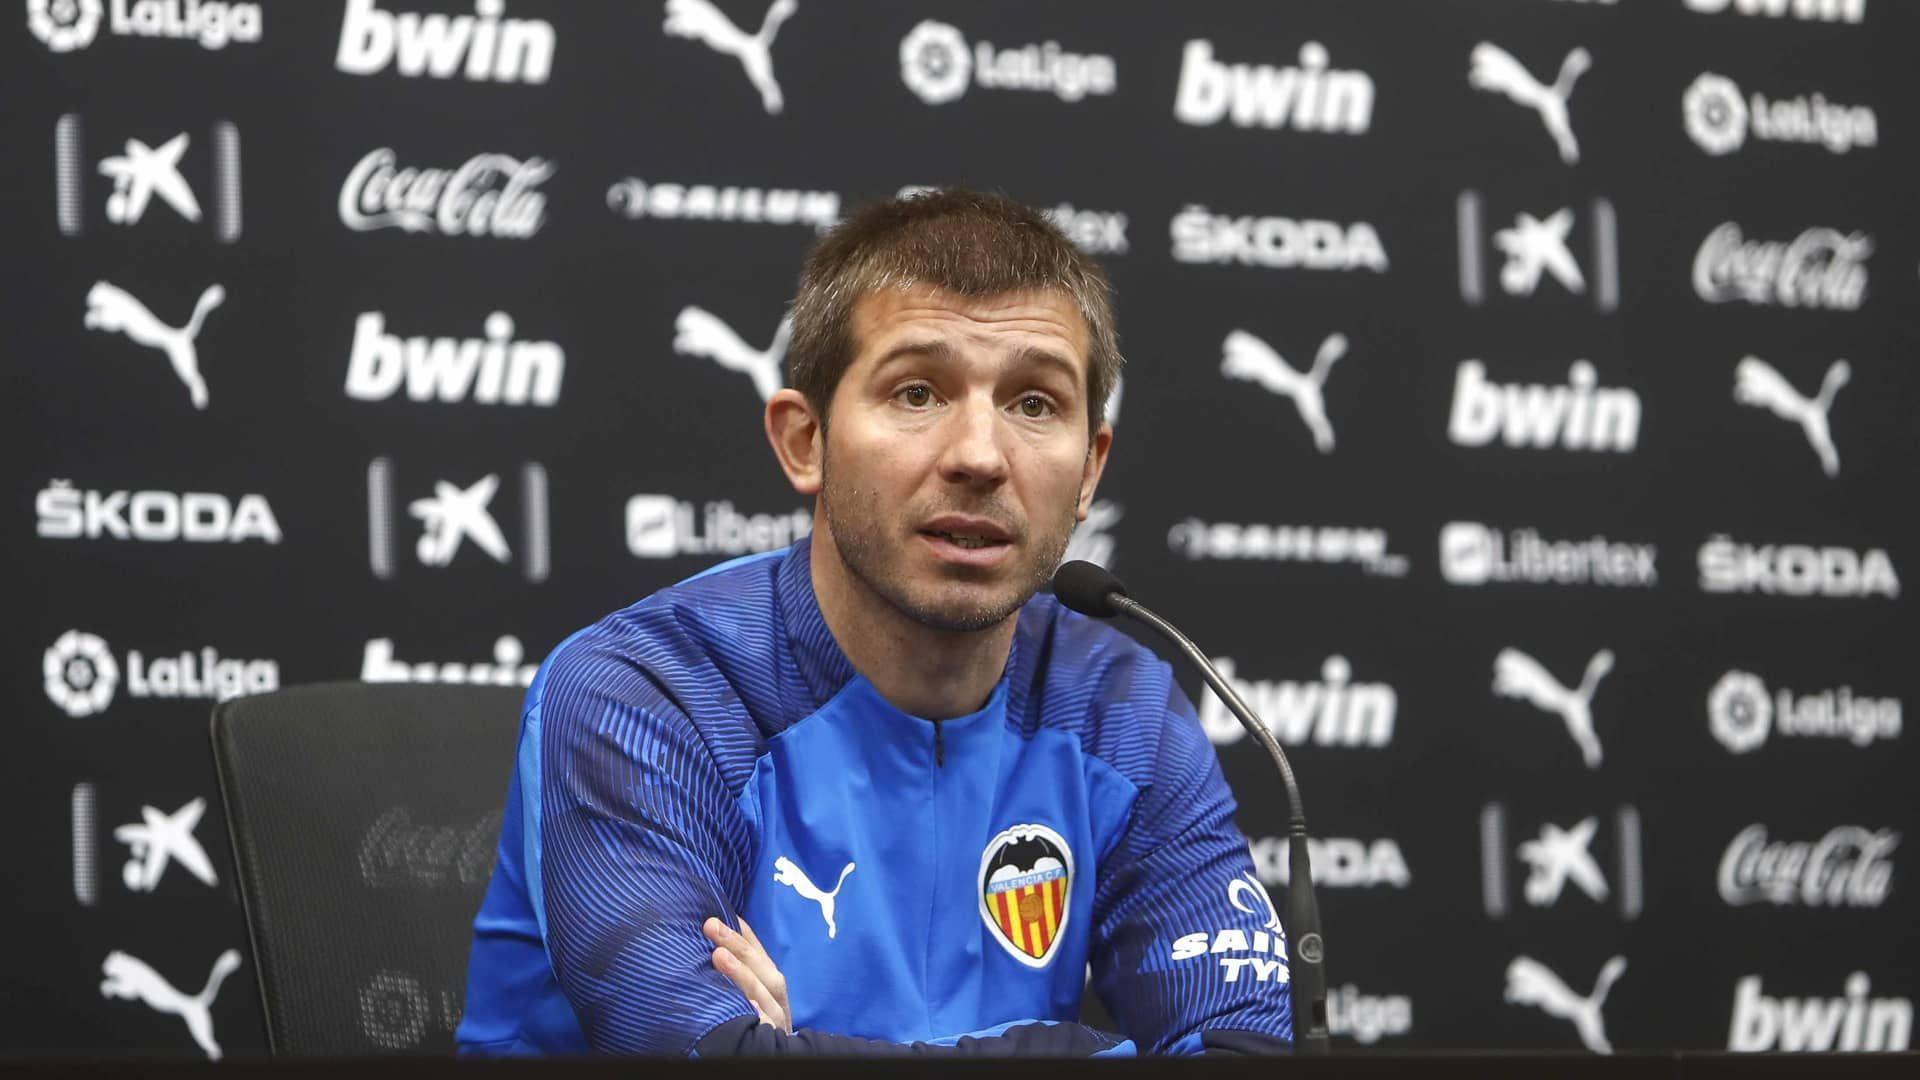 مدرب فالنسيا يُعلق على مفاوضات برشلونة مع رودريغو